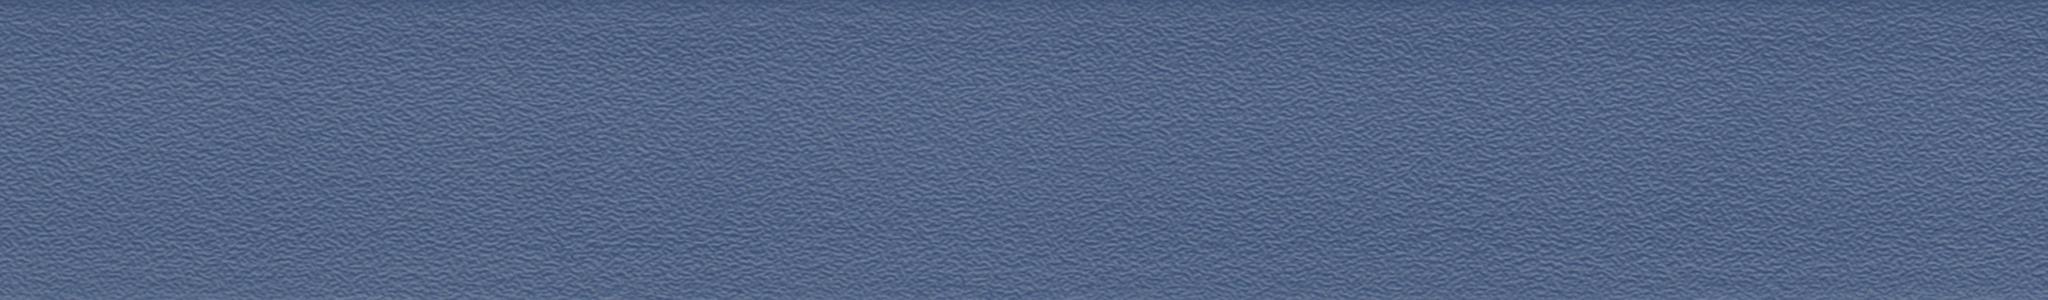 HU 150128 ABS hrana modrá perla 101